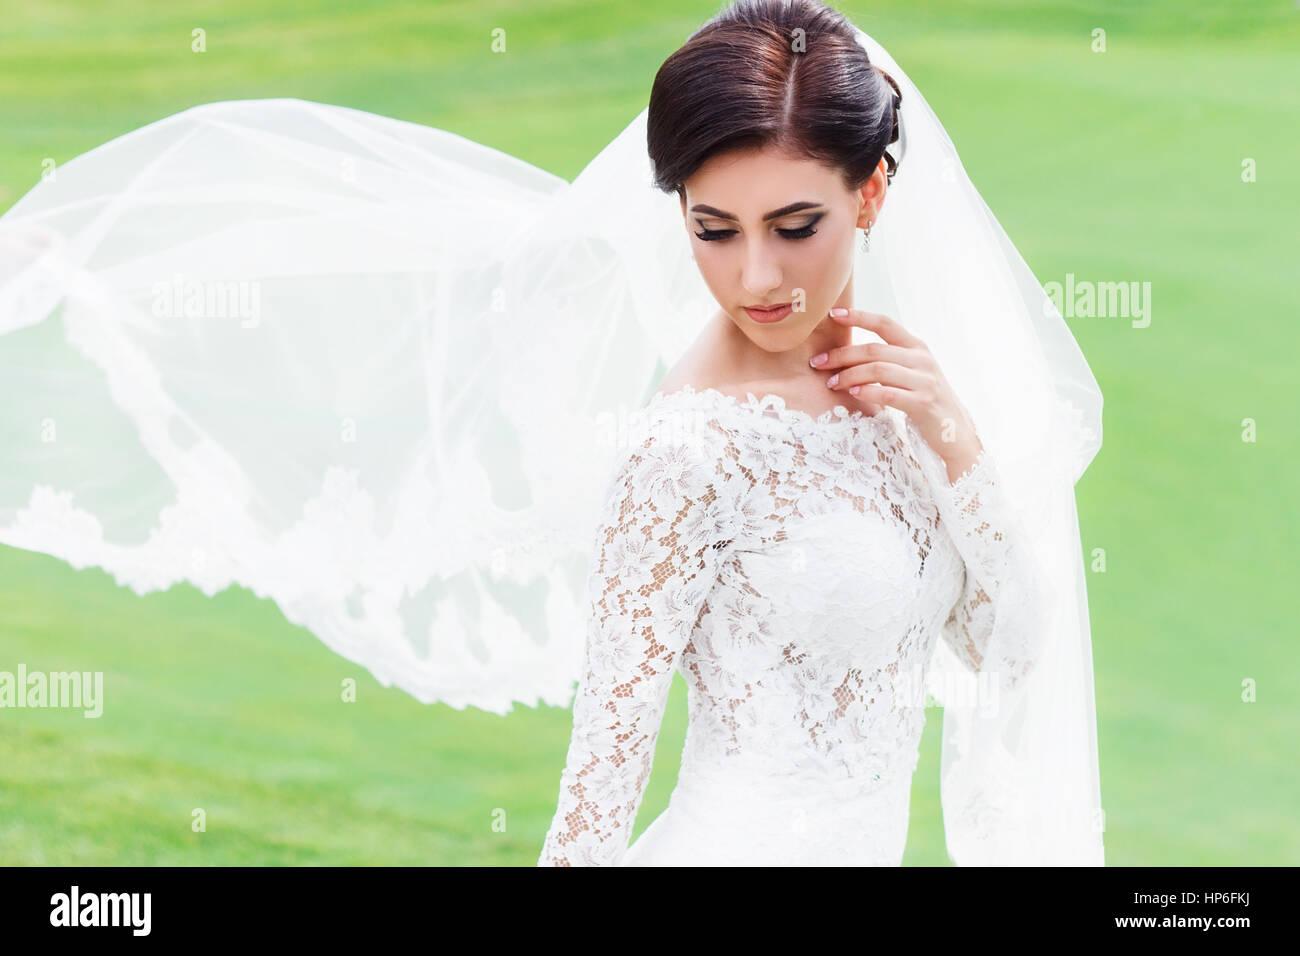 Portrat Der Schonen Braut Im Hochzeitskleid Mit Wehenden Schleier